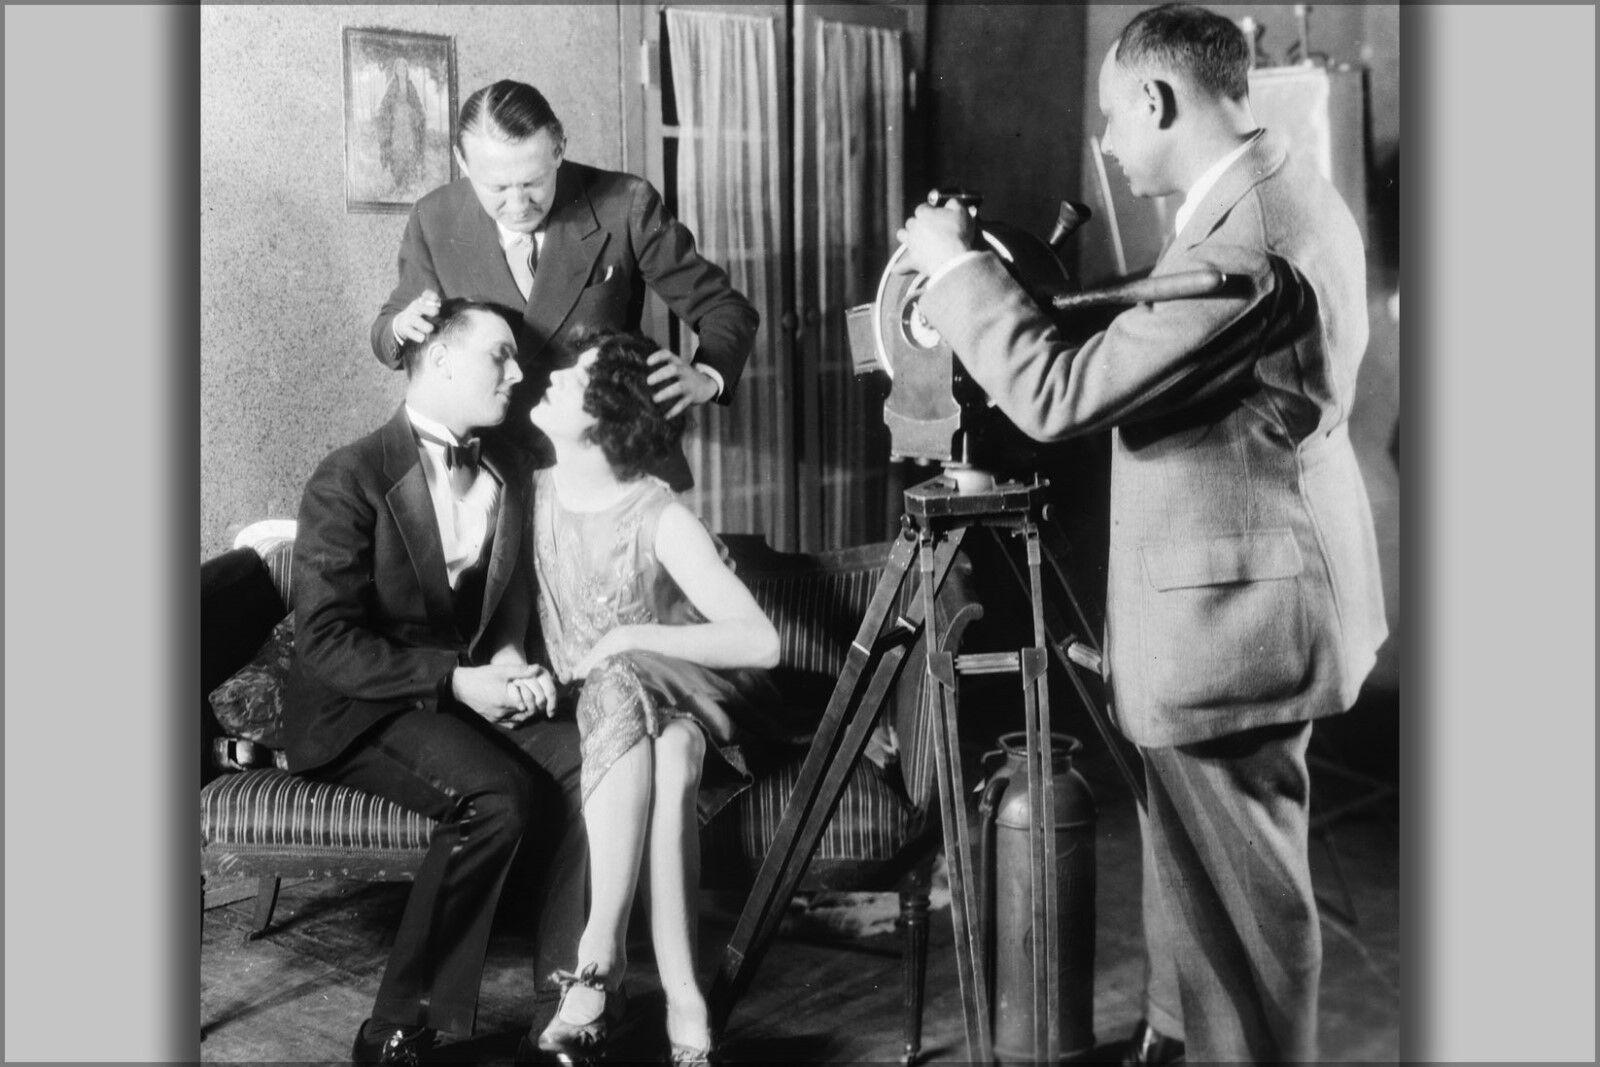 Plakat, Viele Größen; Edmund Goulding Helfend Zwei Actors Kuss 1927